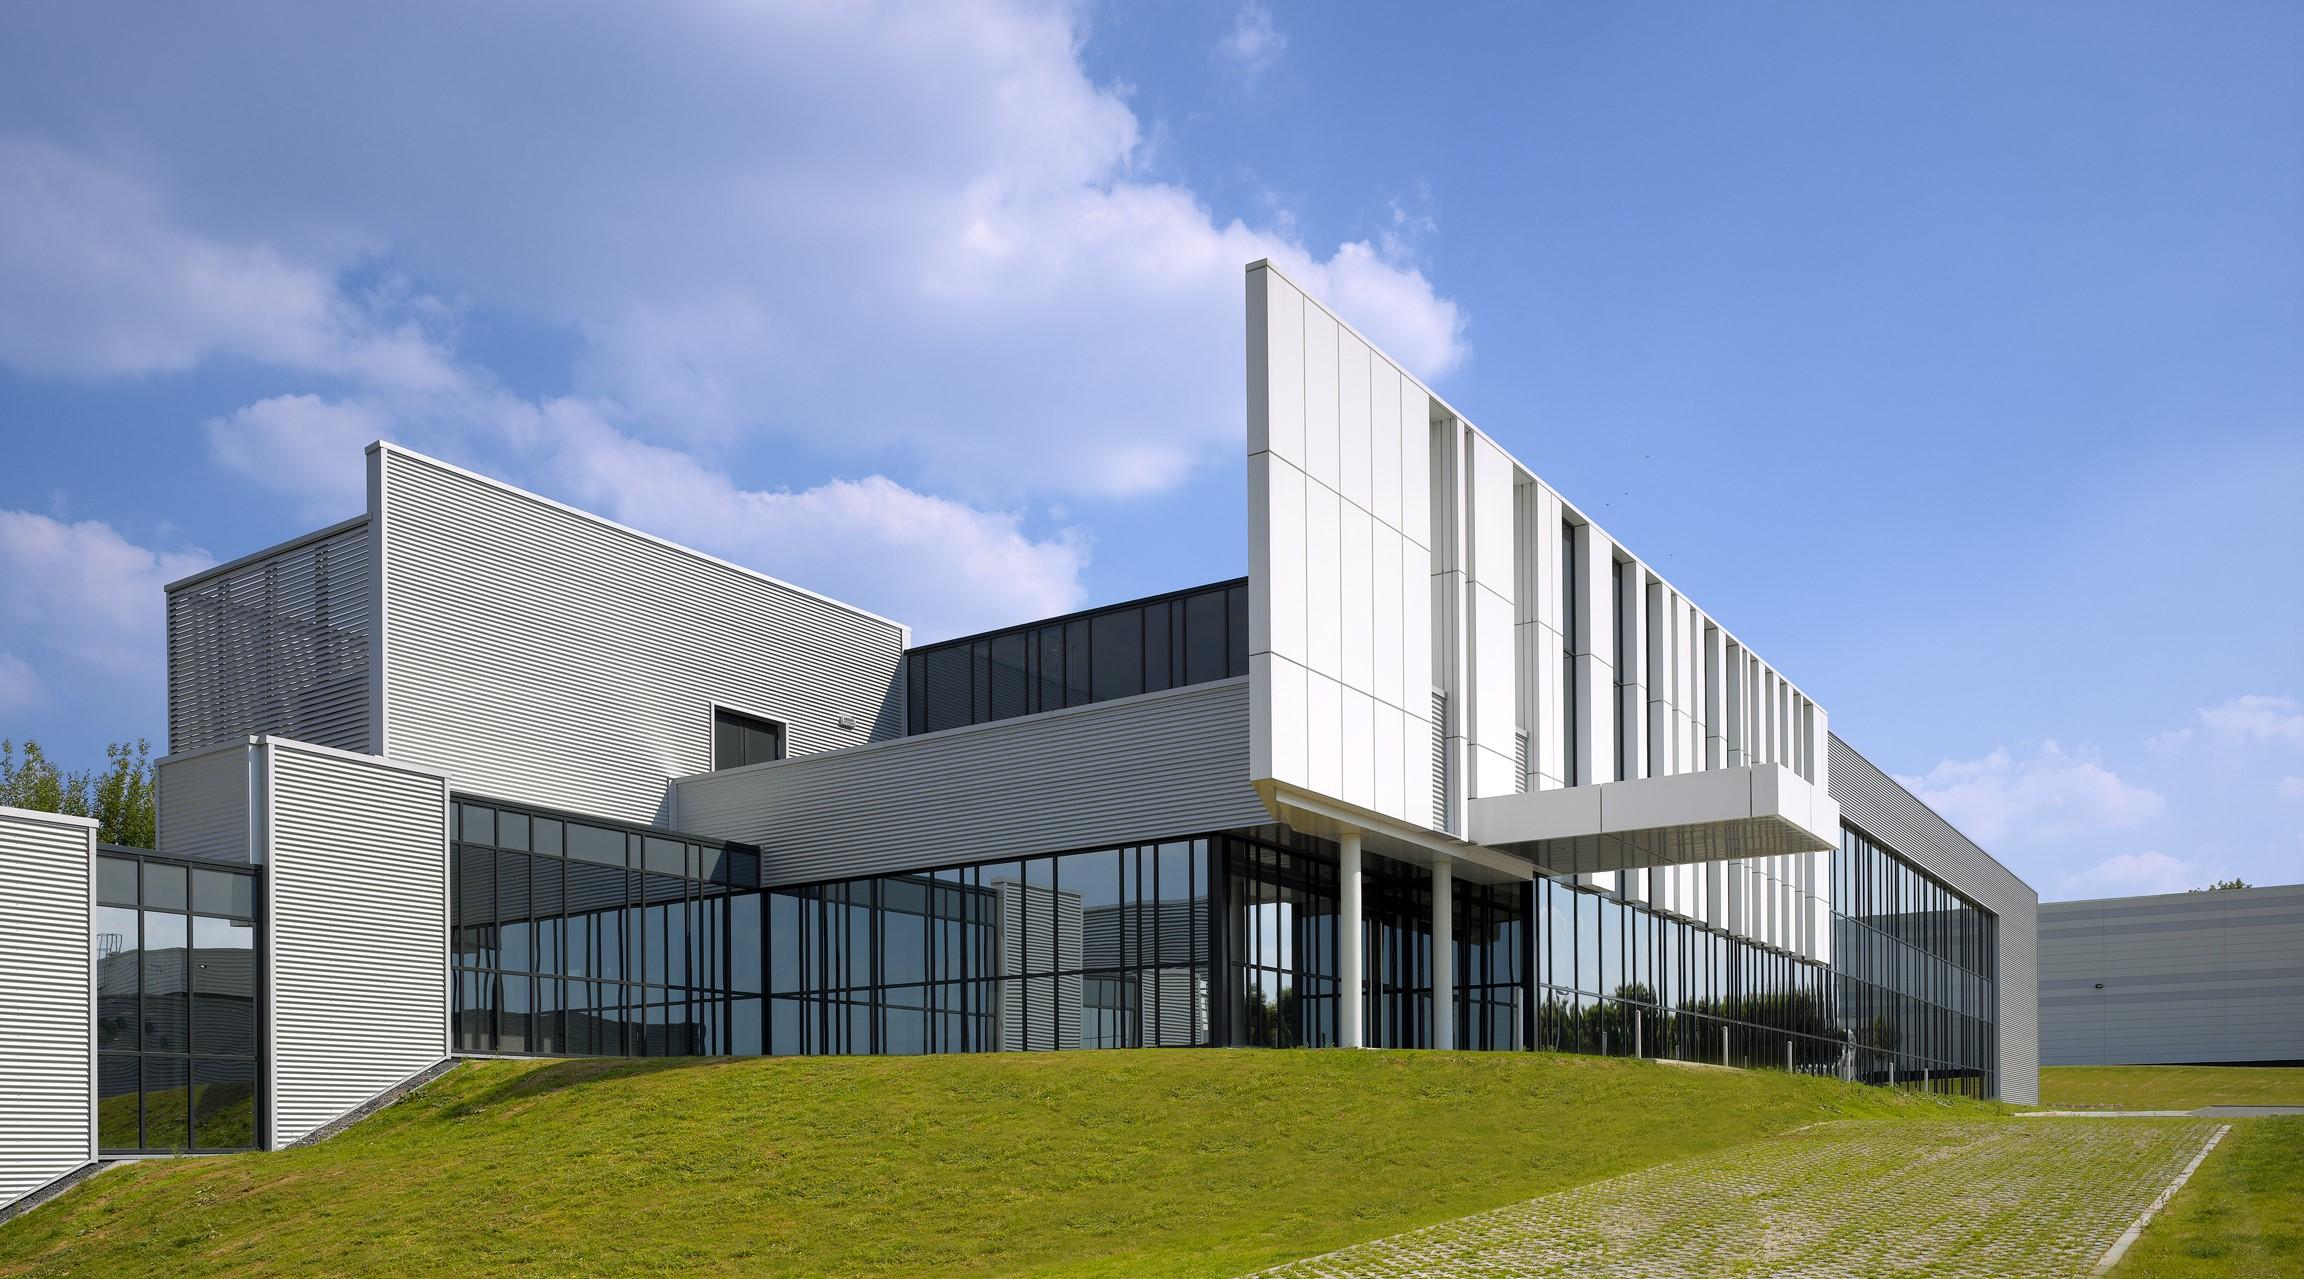 GC Europe Training Center built by Takenaka Europe in Haasrode, Belgium.